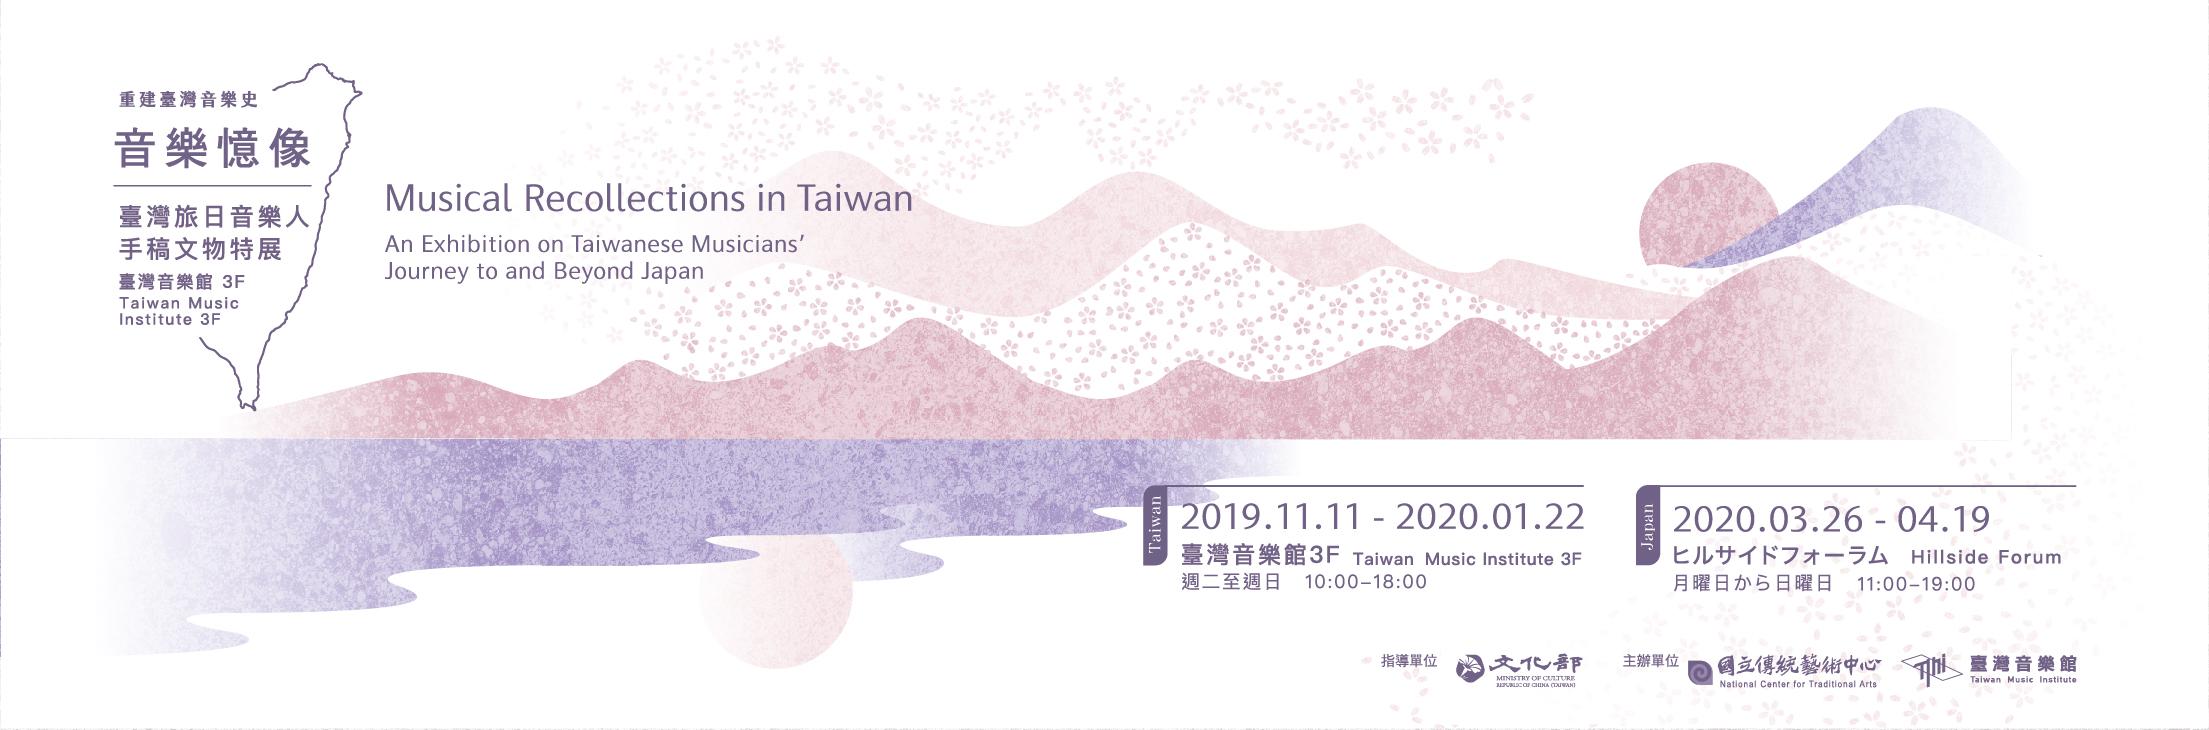 「音樂憶像 — 臺灣旅日音樂人手稿文物特展系列活動」「另開新視窗」